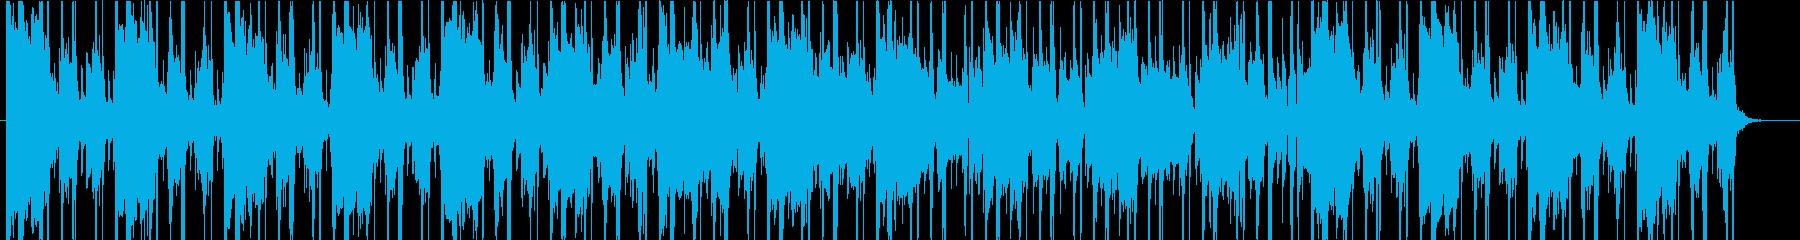 クールなヒップホップ曲 ピアノ ジャズ風の再生済みの波形